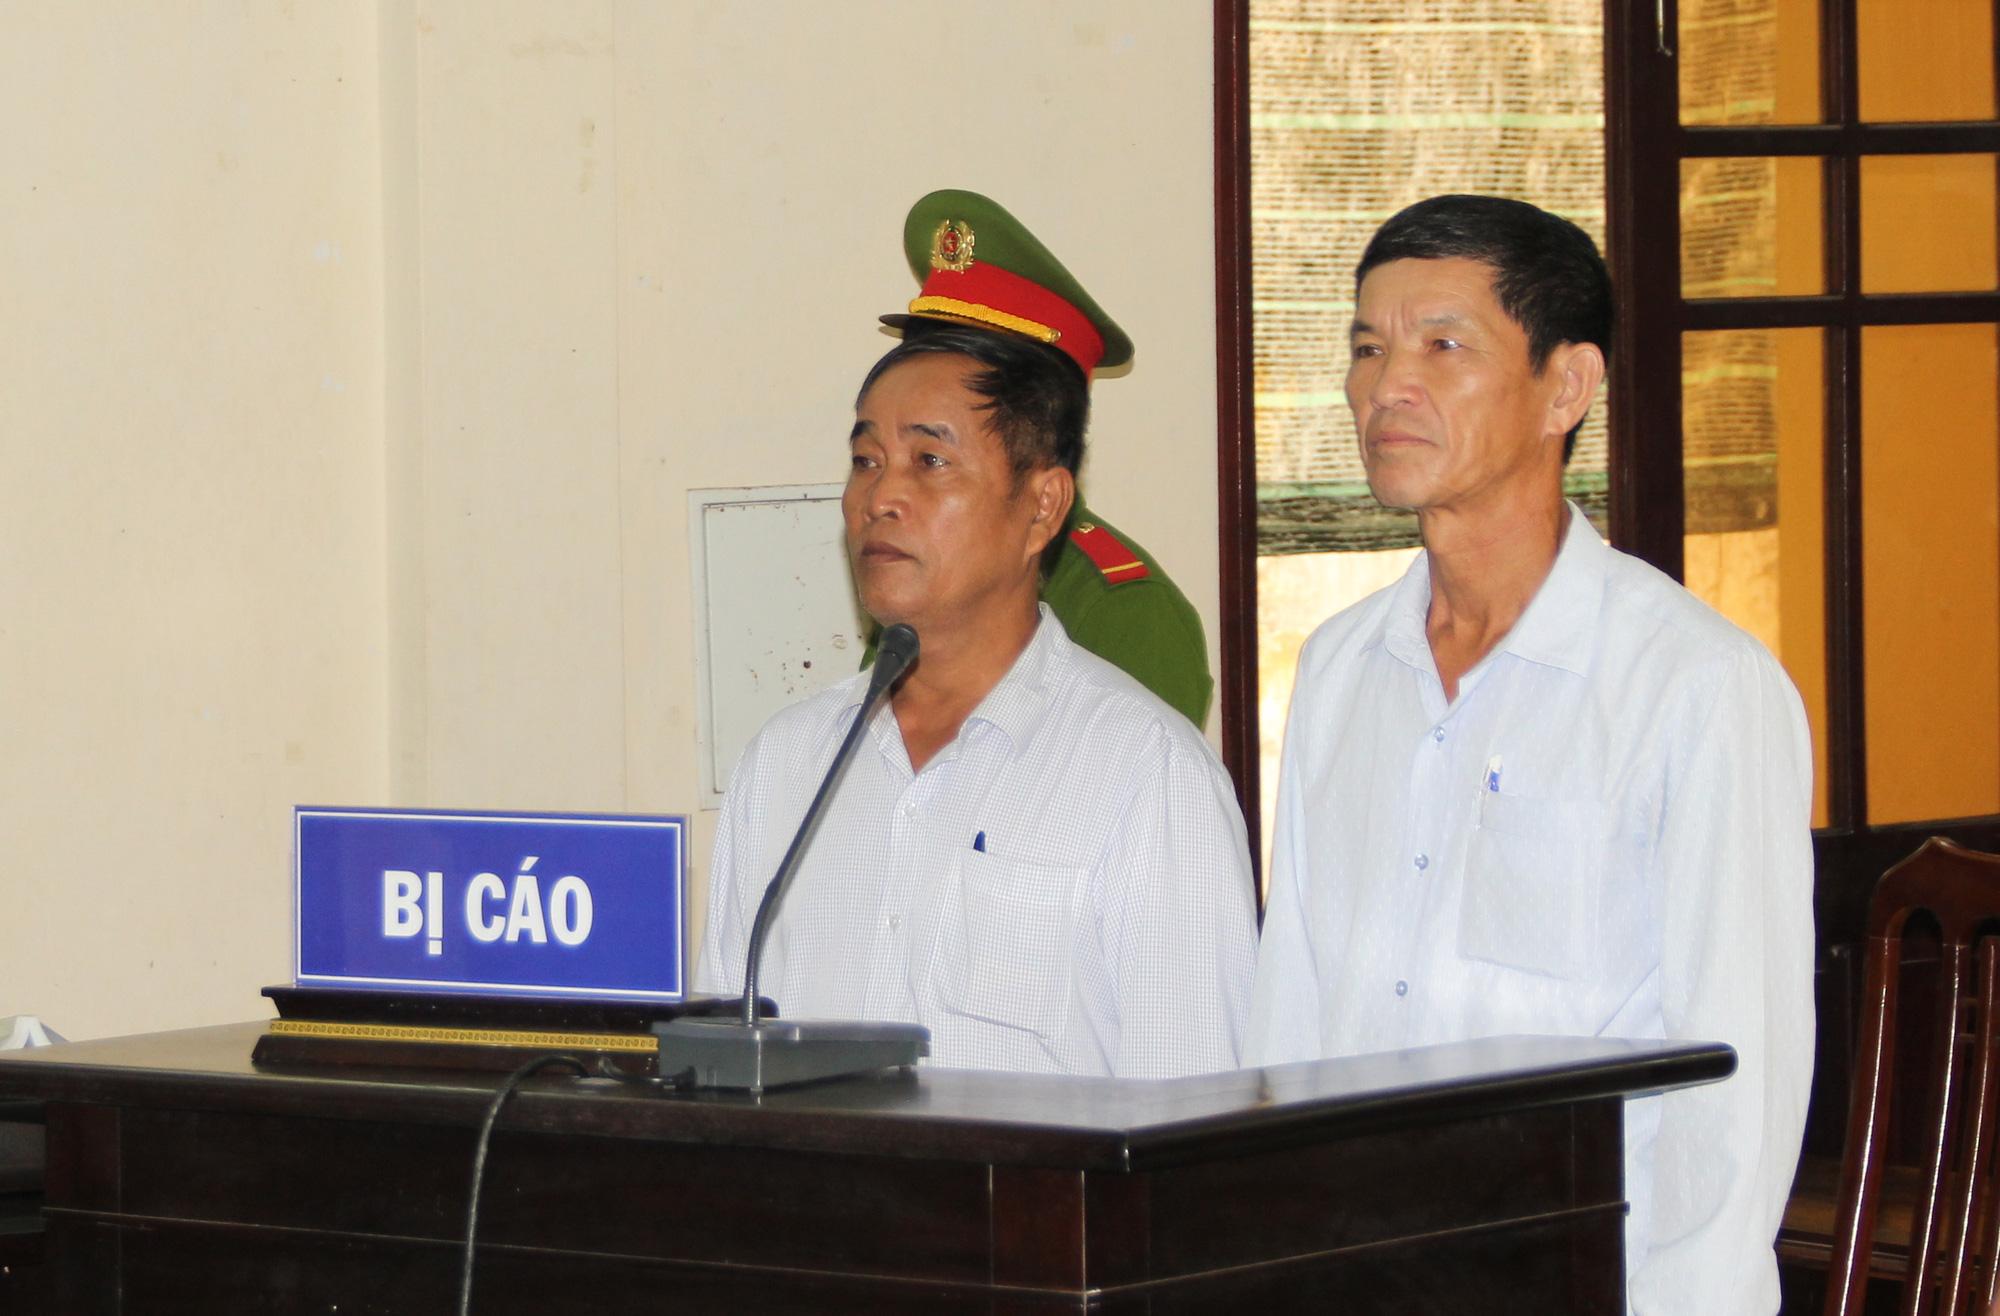 Tình tiết bất ngờ trong vụ án 2 cán bộ xã và cháu bé chết trong bể phốt ở Quảng Trị - Ảnh 1.